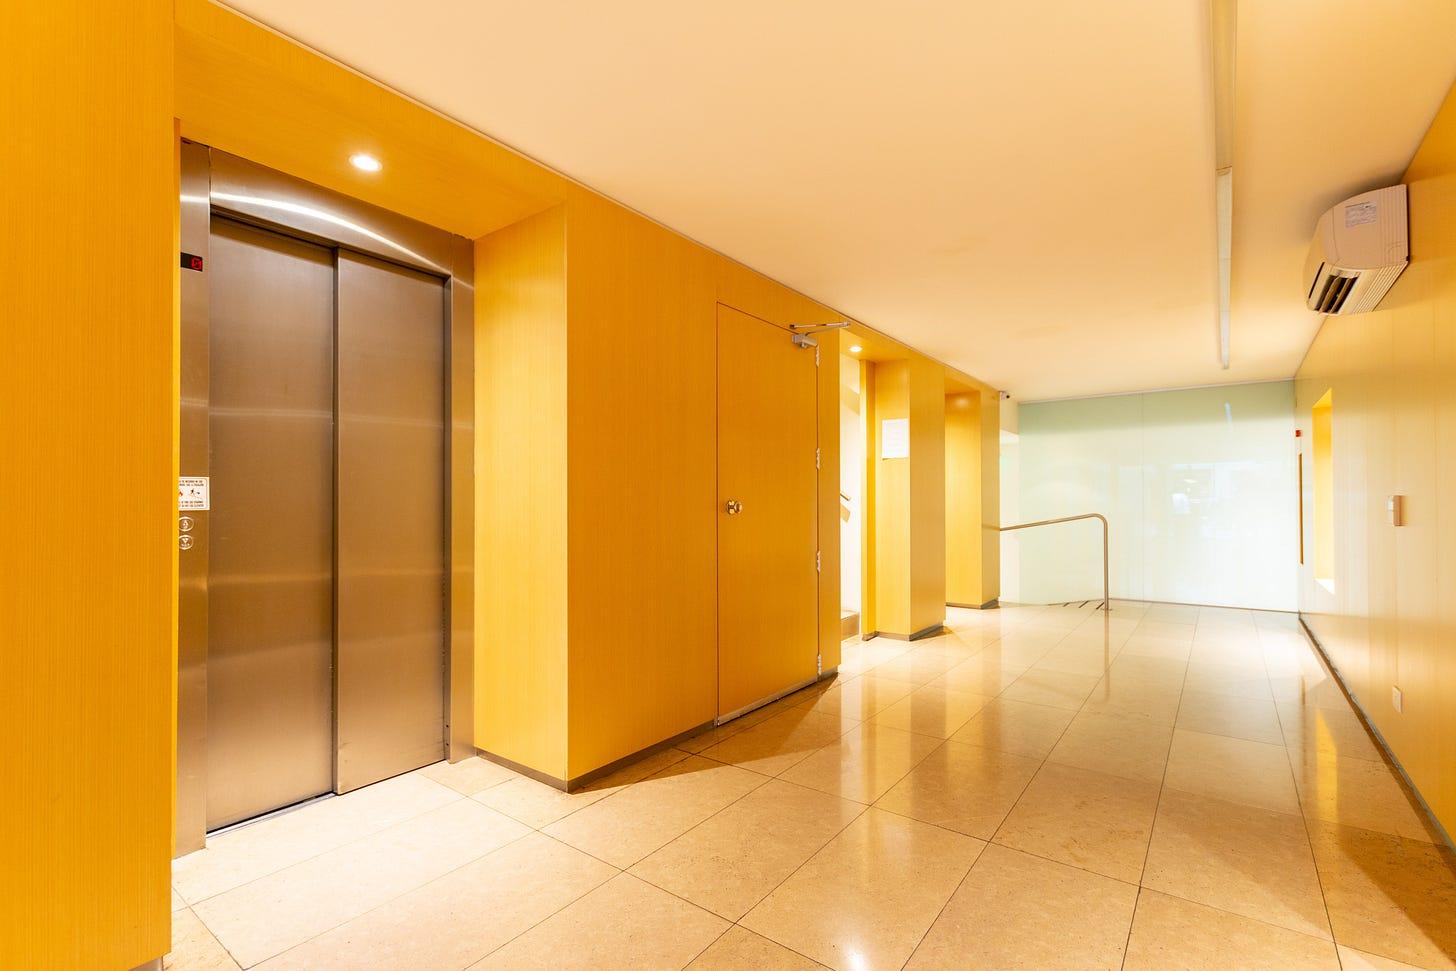 photo shoing doors of an elevator in a dark yellow corridor